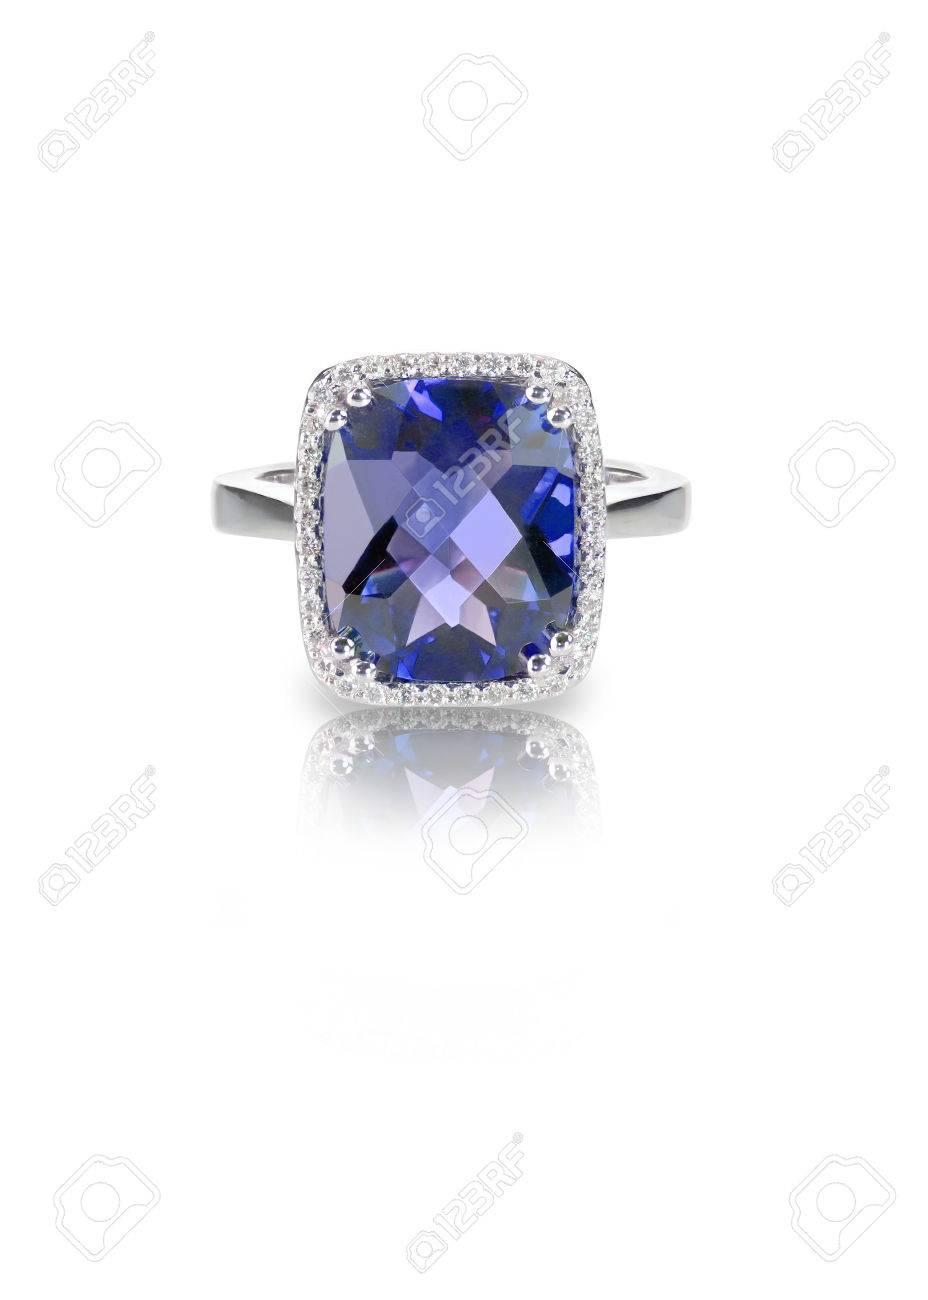 Schone Saphir Und Diamant Hochzeit Verlobungsring Edelsteinzentrum